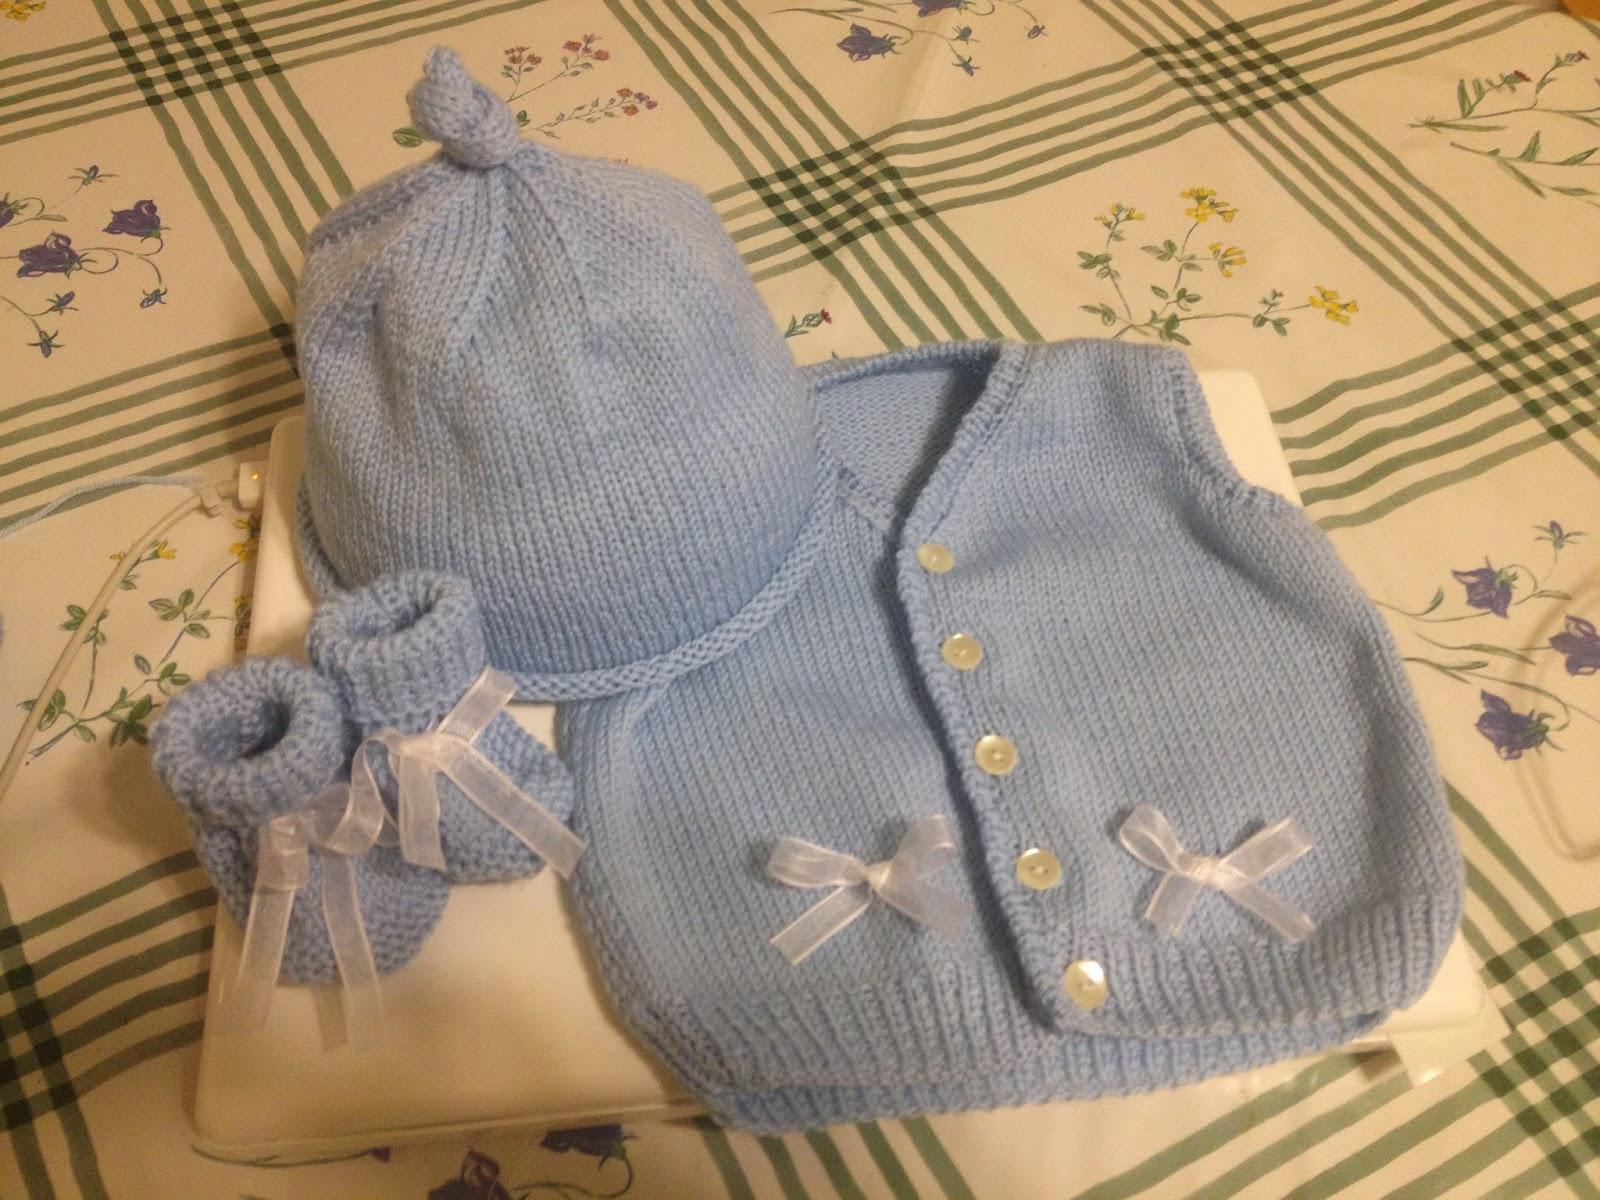 Bien-aimé Penso a Me: Gilet senza maniche bimbo 0/3 mesi, scarpine e berretto ED84